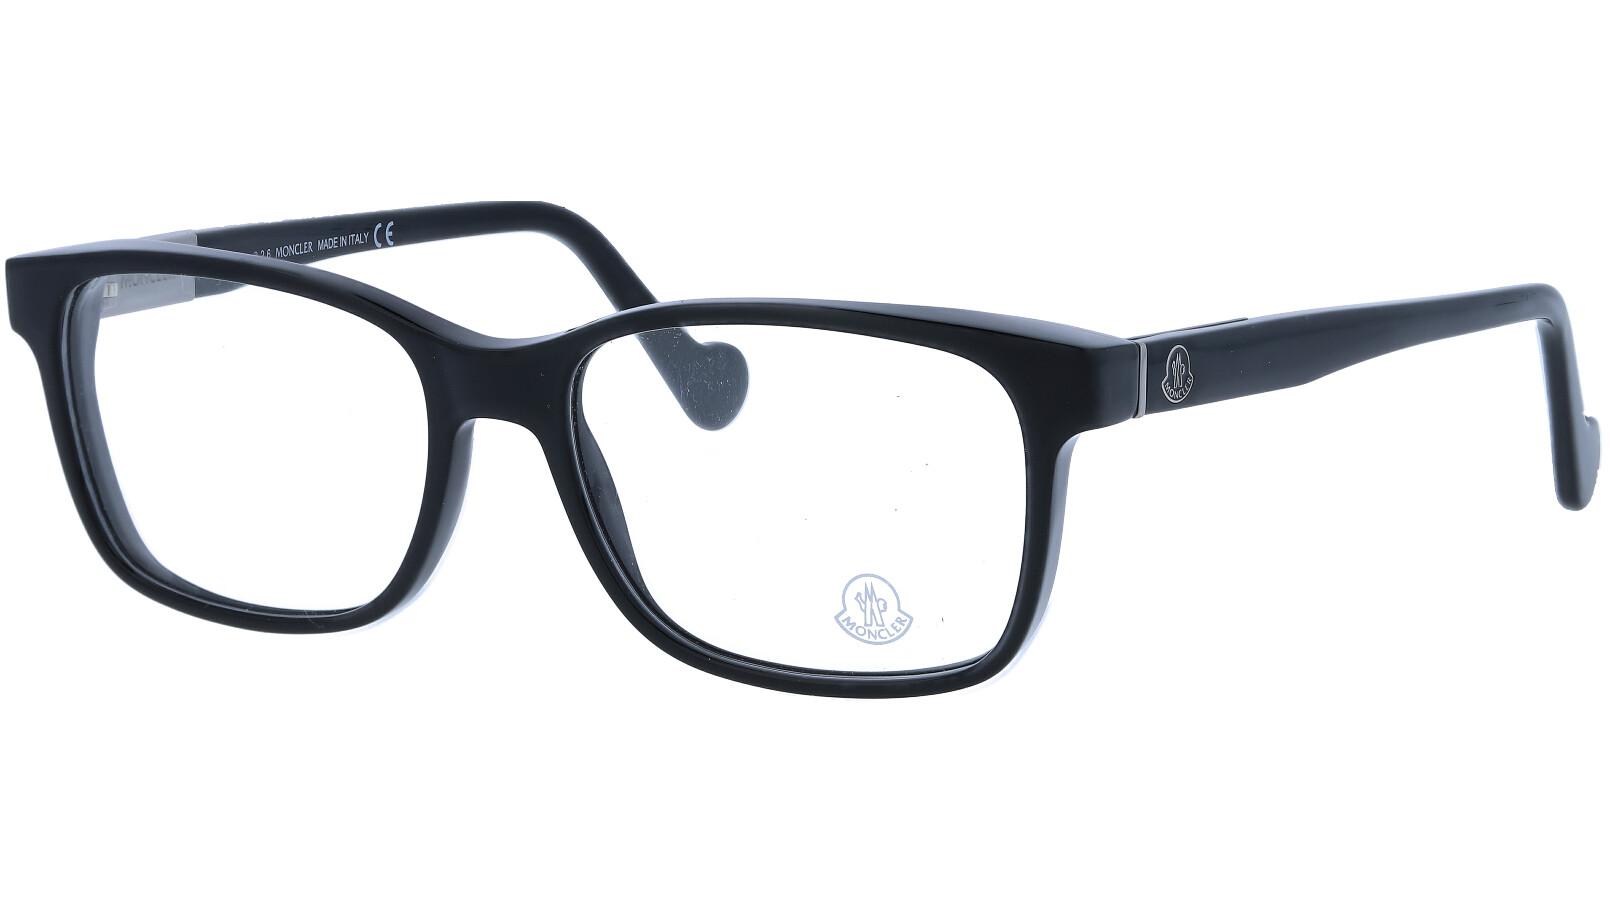 Moncler ML5012V 001 54 Black Glasses